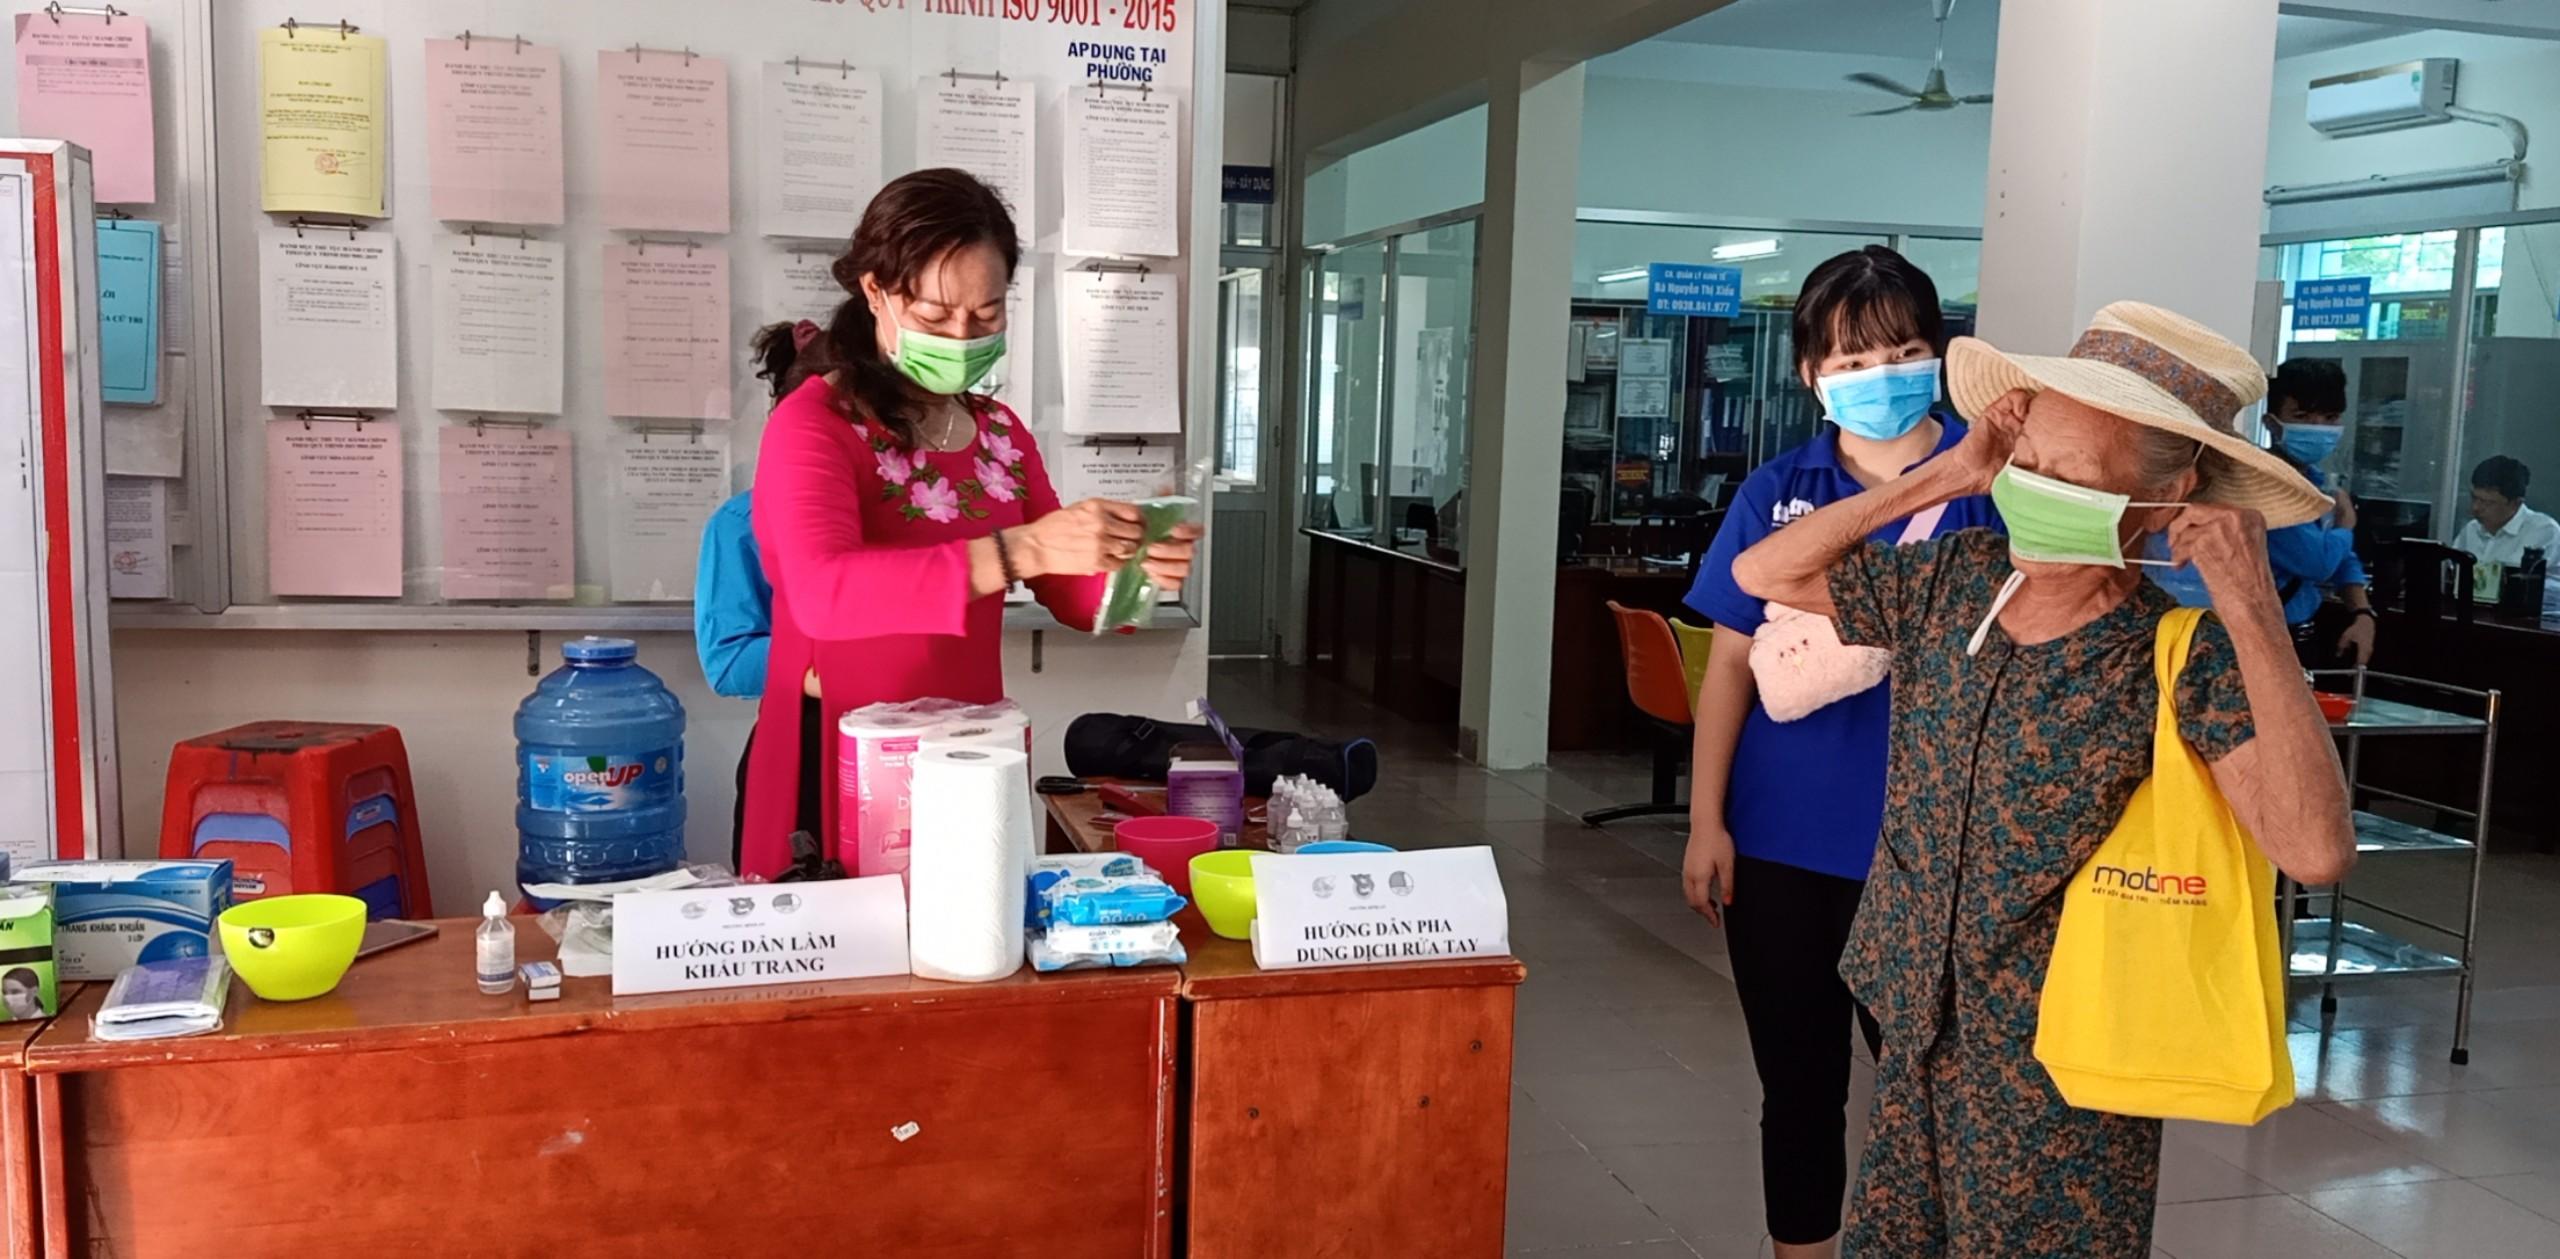 Cán bộ Hội ở phường Bình An, quận 2 tặng khẩu trang và hướng dẫn người dân pha dung dịch rửa tay.